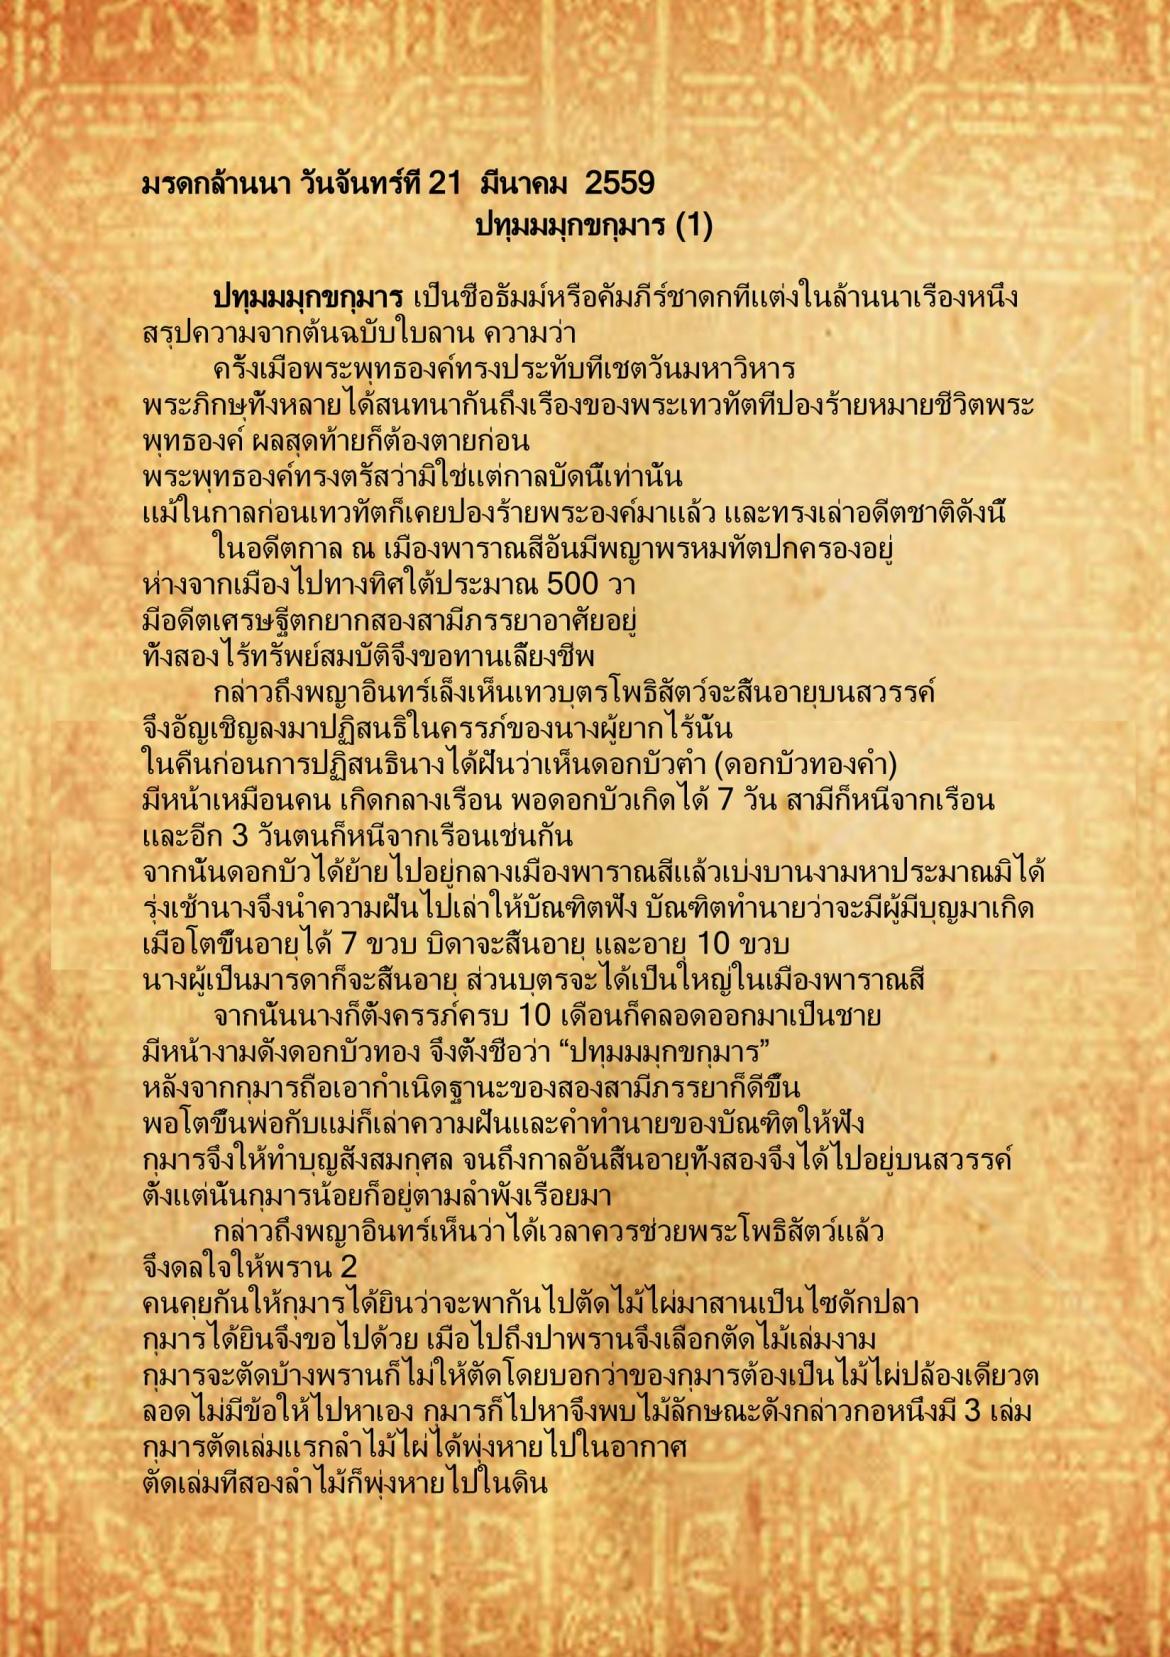 ปทุมมมุกขกุมาร (1) -  21  มีนาคม  2559